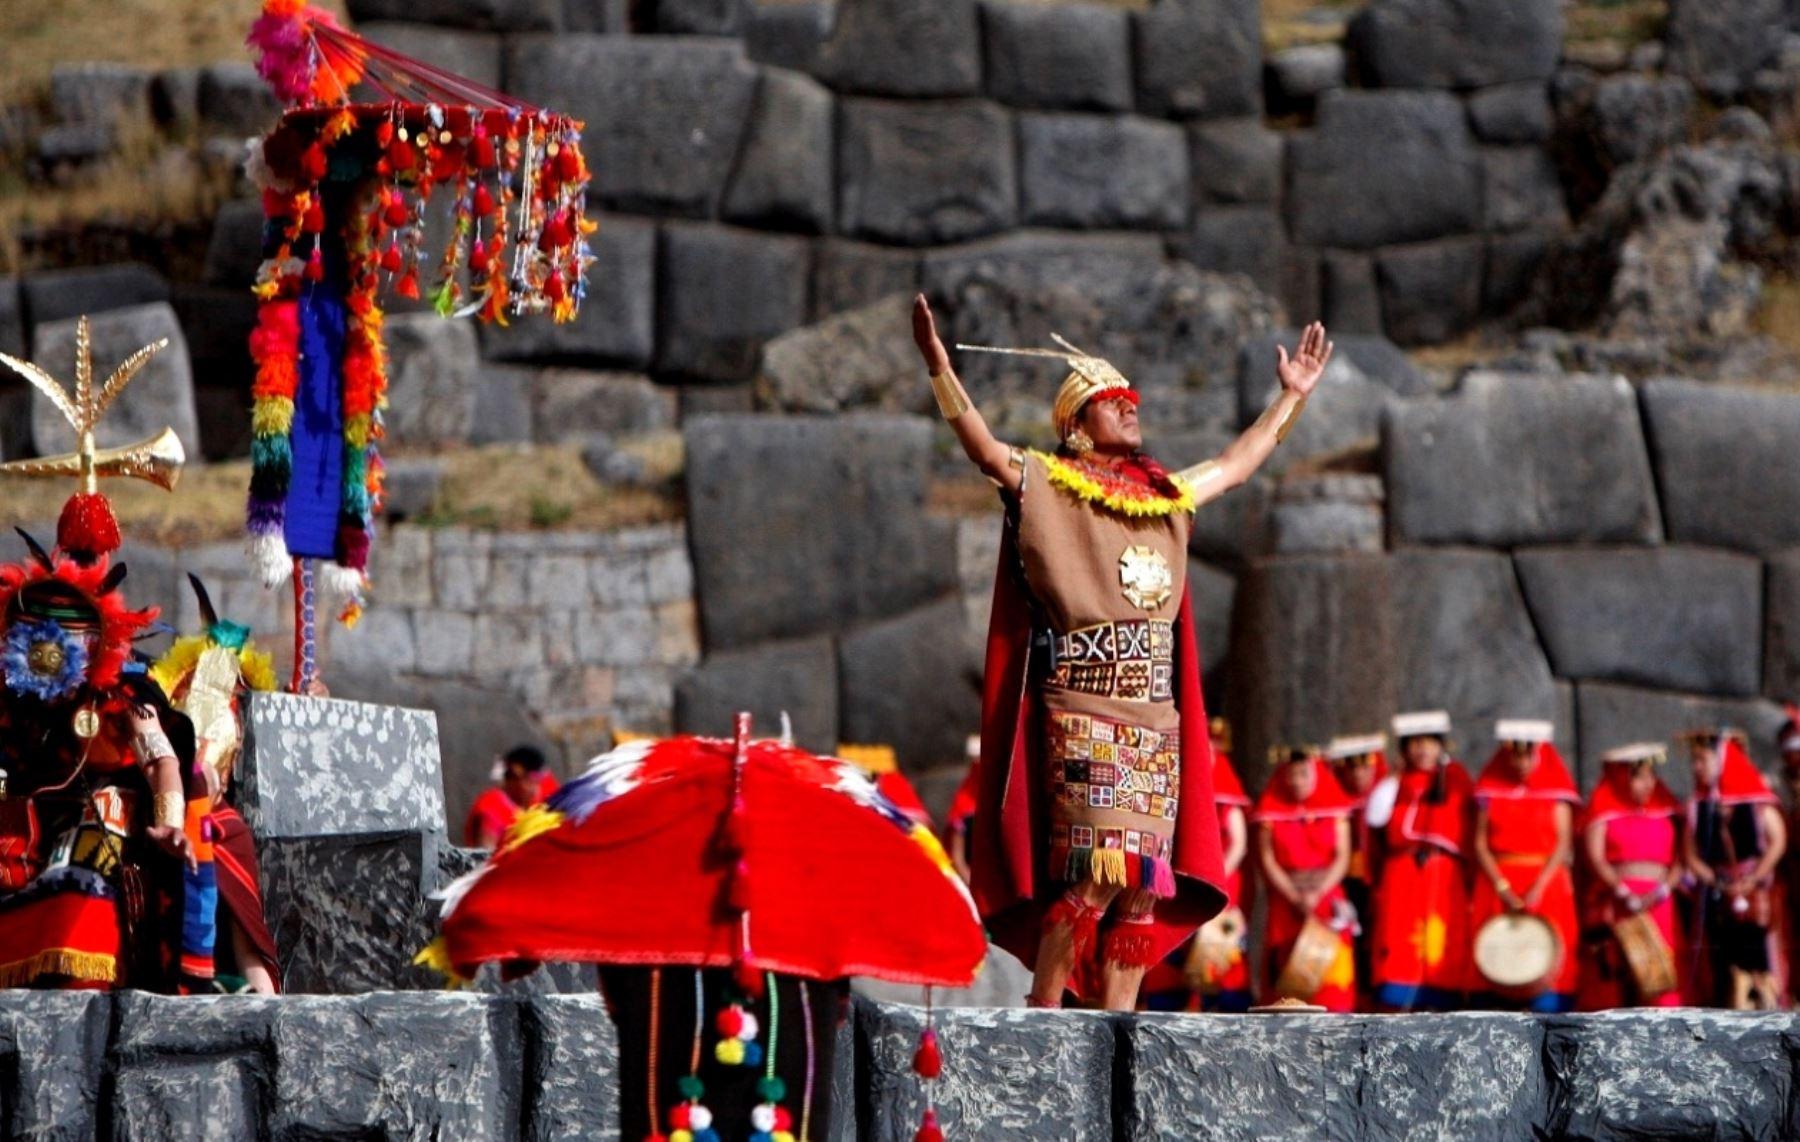 Con gran solemnidad se celebra hoy en la ciudad del Cusco el tradicional Inti Raymi o Fiesta del Sol, la actividad principal en el calendario jubilar de la Ciudad Imperial. ANDINA/Percy Hurtado Santillán